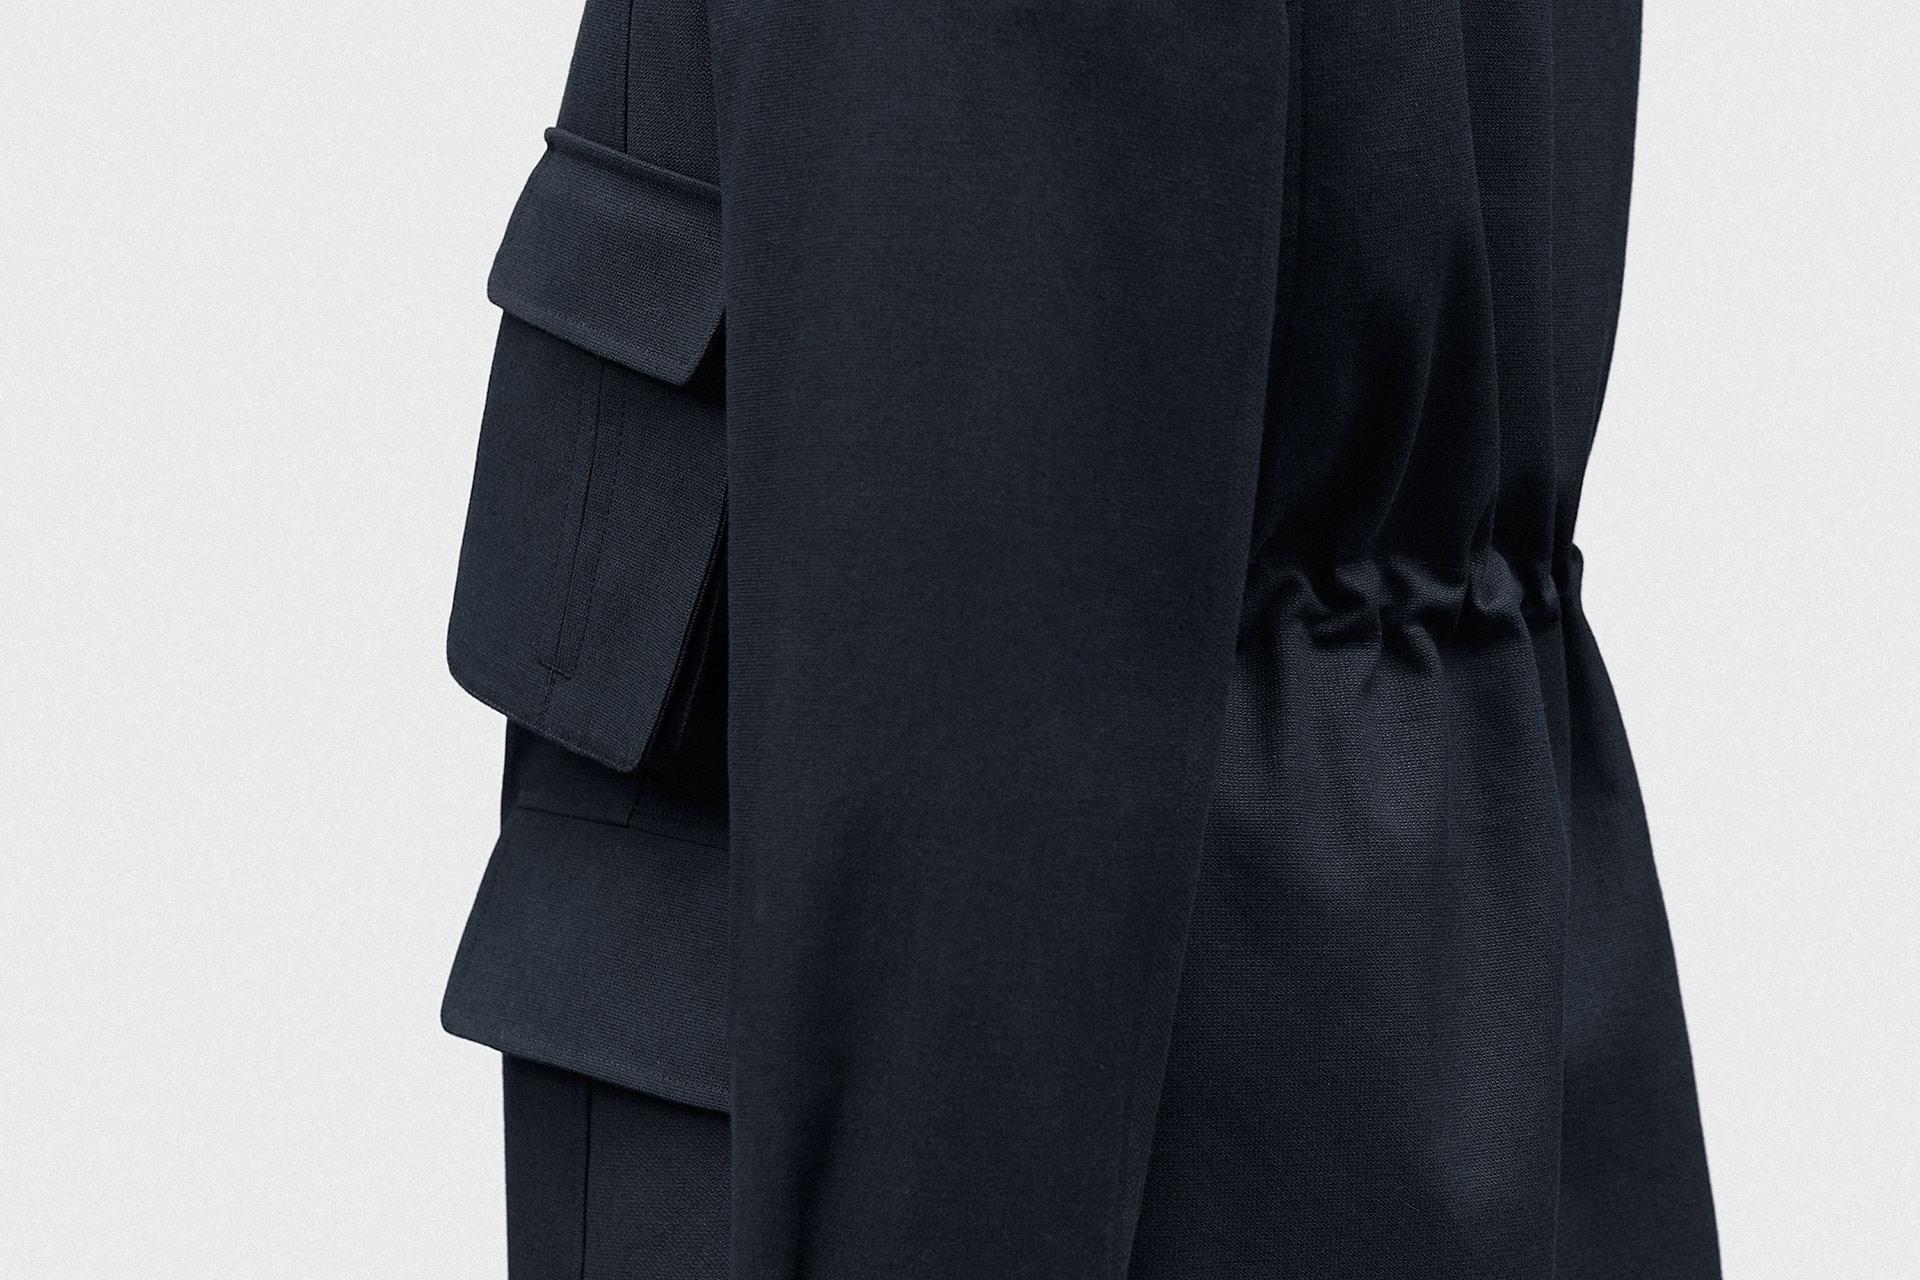 field-jacket-airweave-cotton-navy-3@2x.jpg